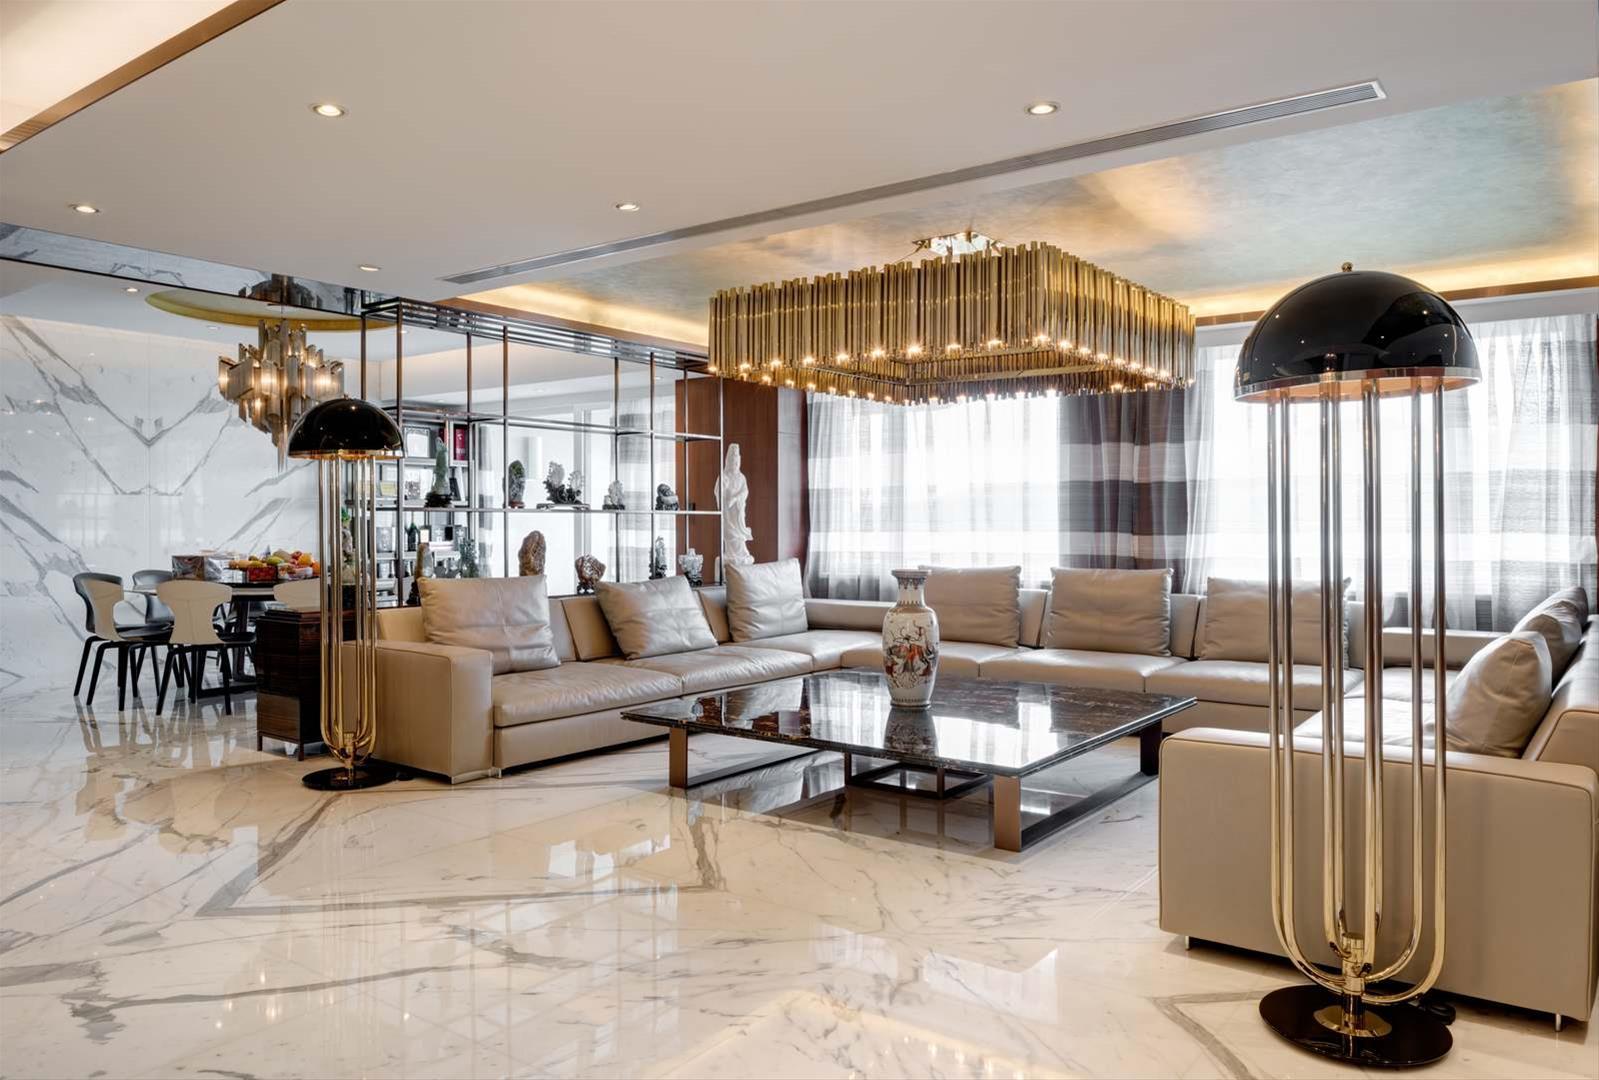 un nuovo progetto per una casa di lusso in cina